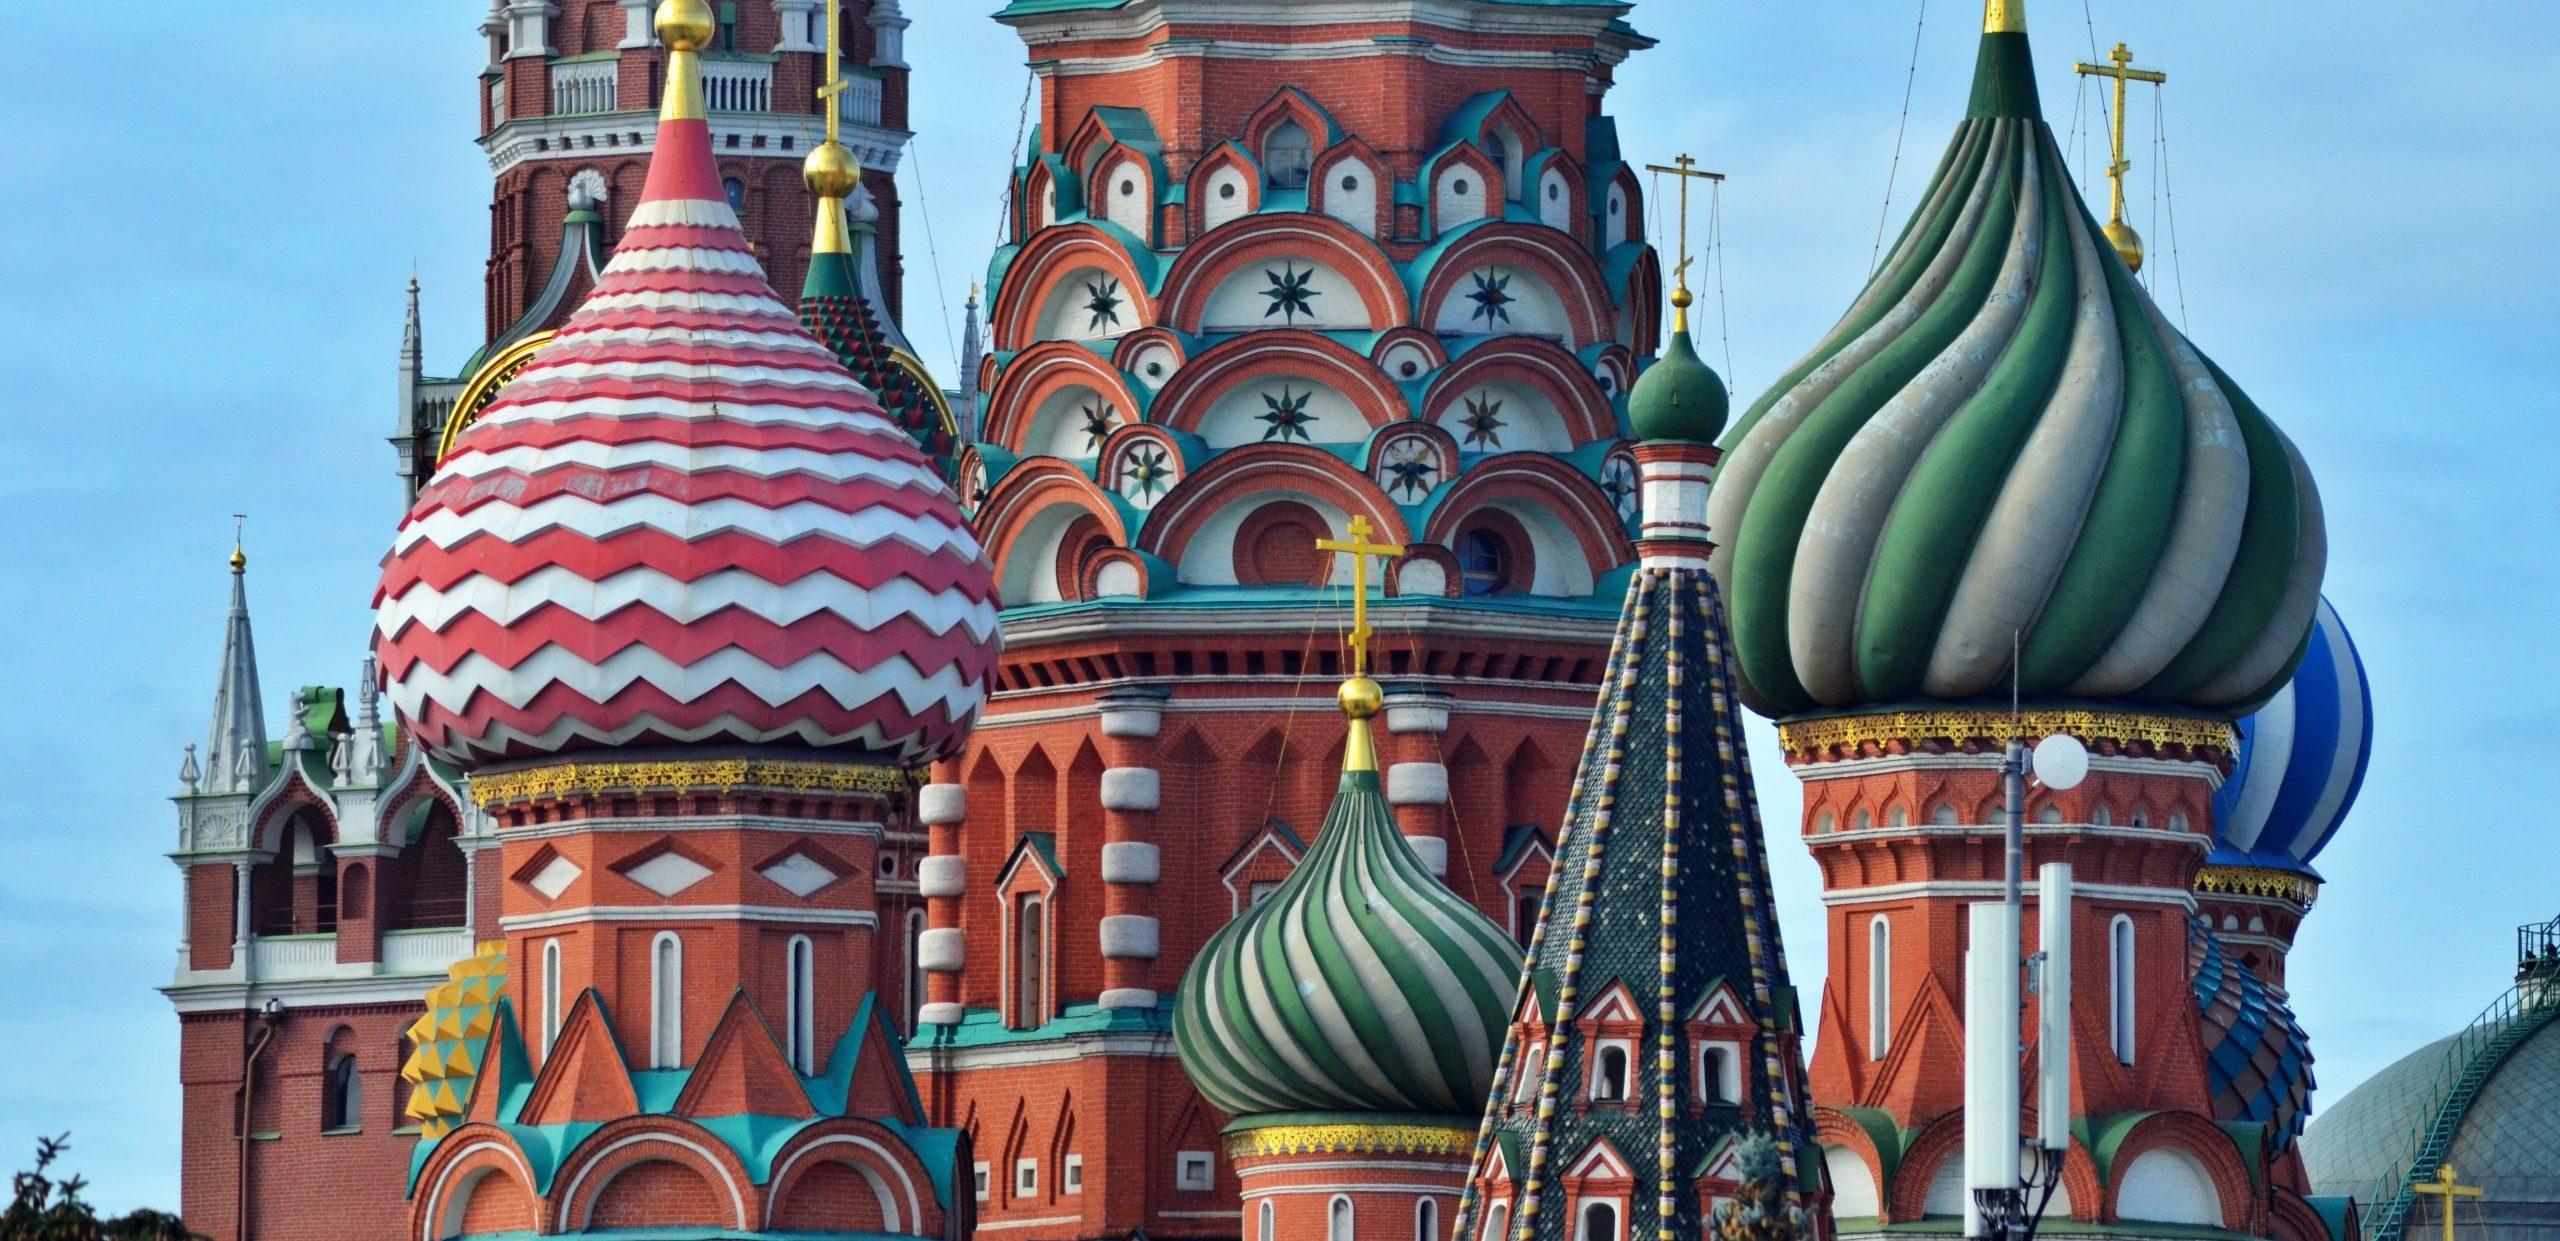 Фотовыставку о Храме Василия Блаженного представят в Историческом музее. Фото: Анна Быкова